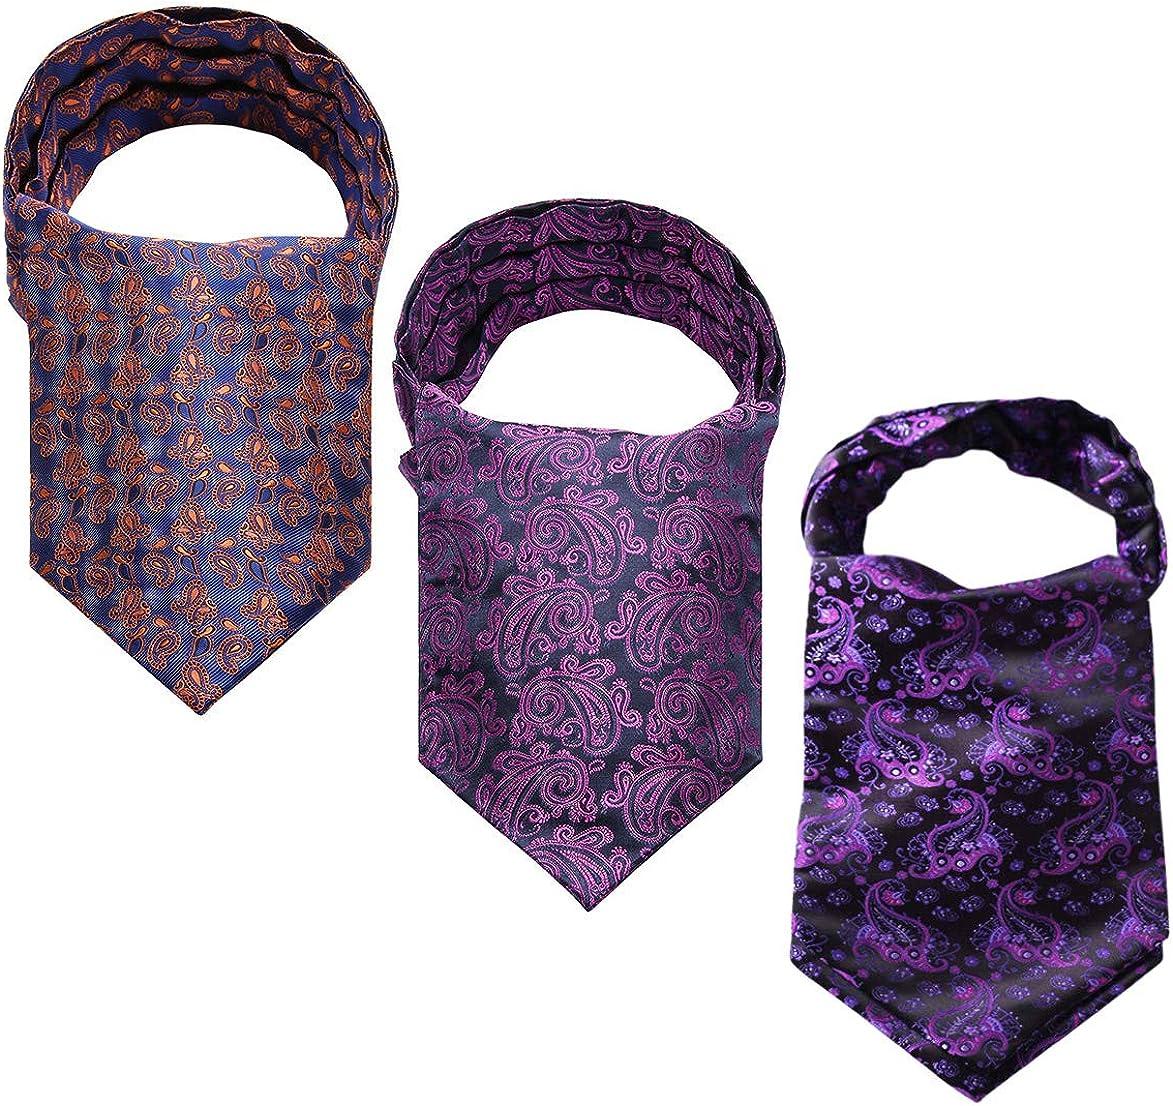 HISDERN Cravat Ascot Tie for Men Wedding Cravat Scarf 3-Pack Combo